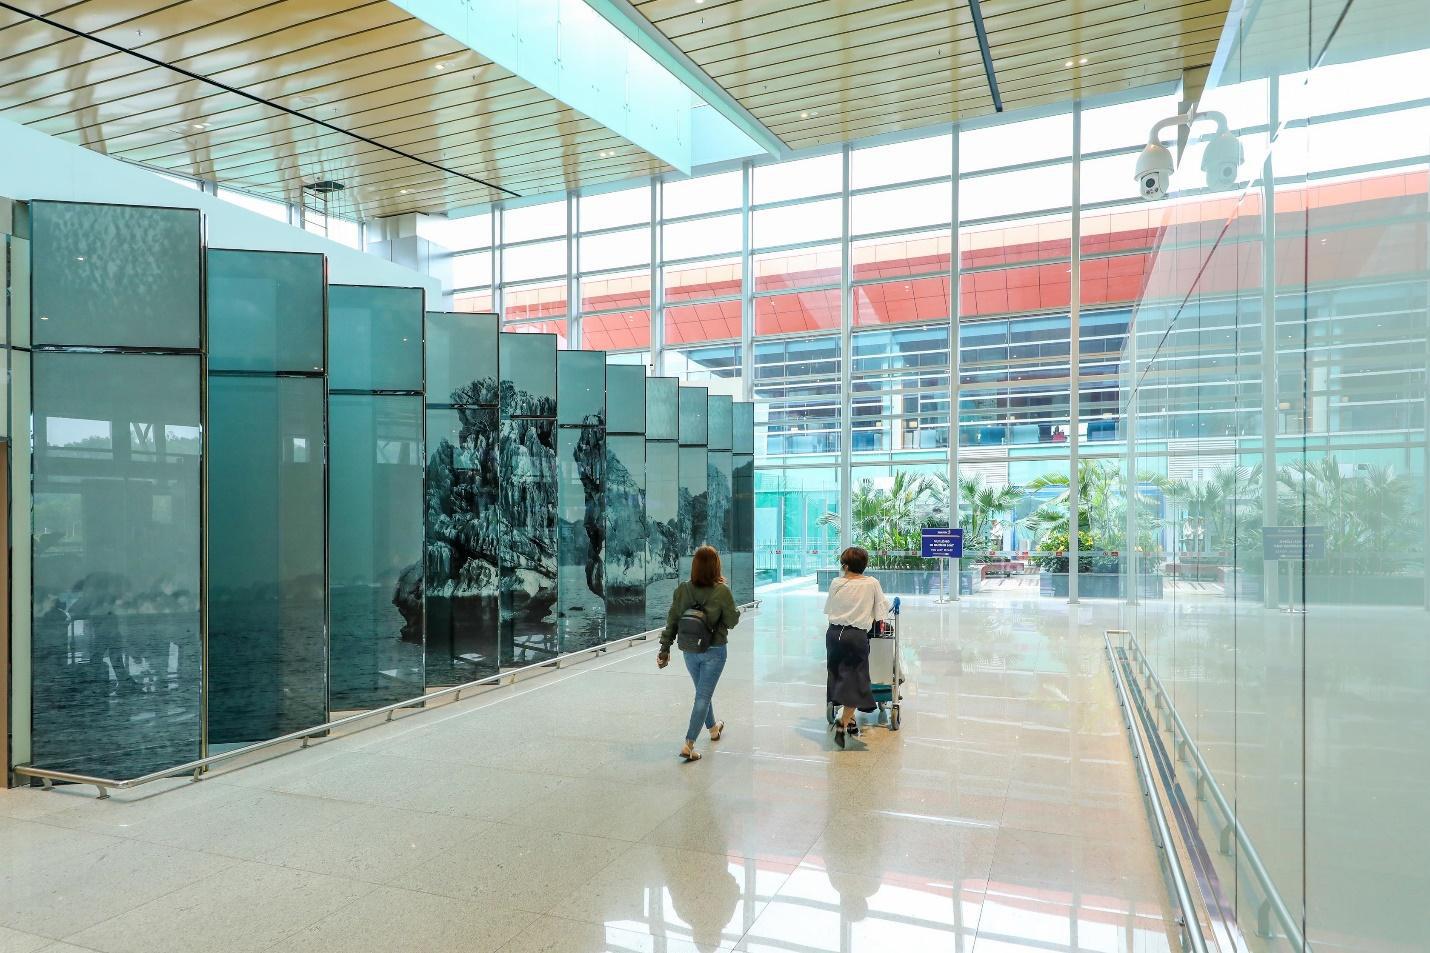 Điều ít biết về kiến trúc độc đáo của Sân bay khu vực hàng đầu thế giới 2020 (Kính nhờ chị hỗ trợ cho đăng giúp em vị trí Bài ảnh và Title xuất hiện trang chủ với ạ!) - Ảnh 7.